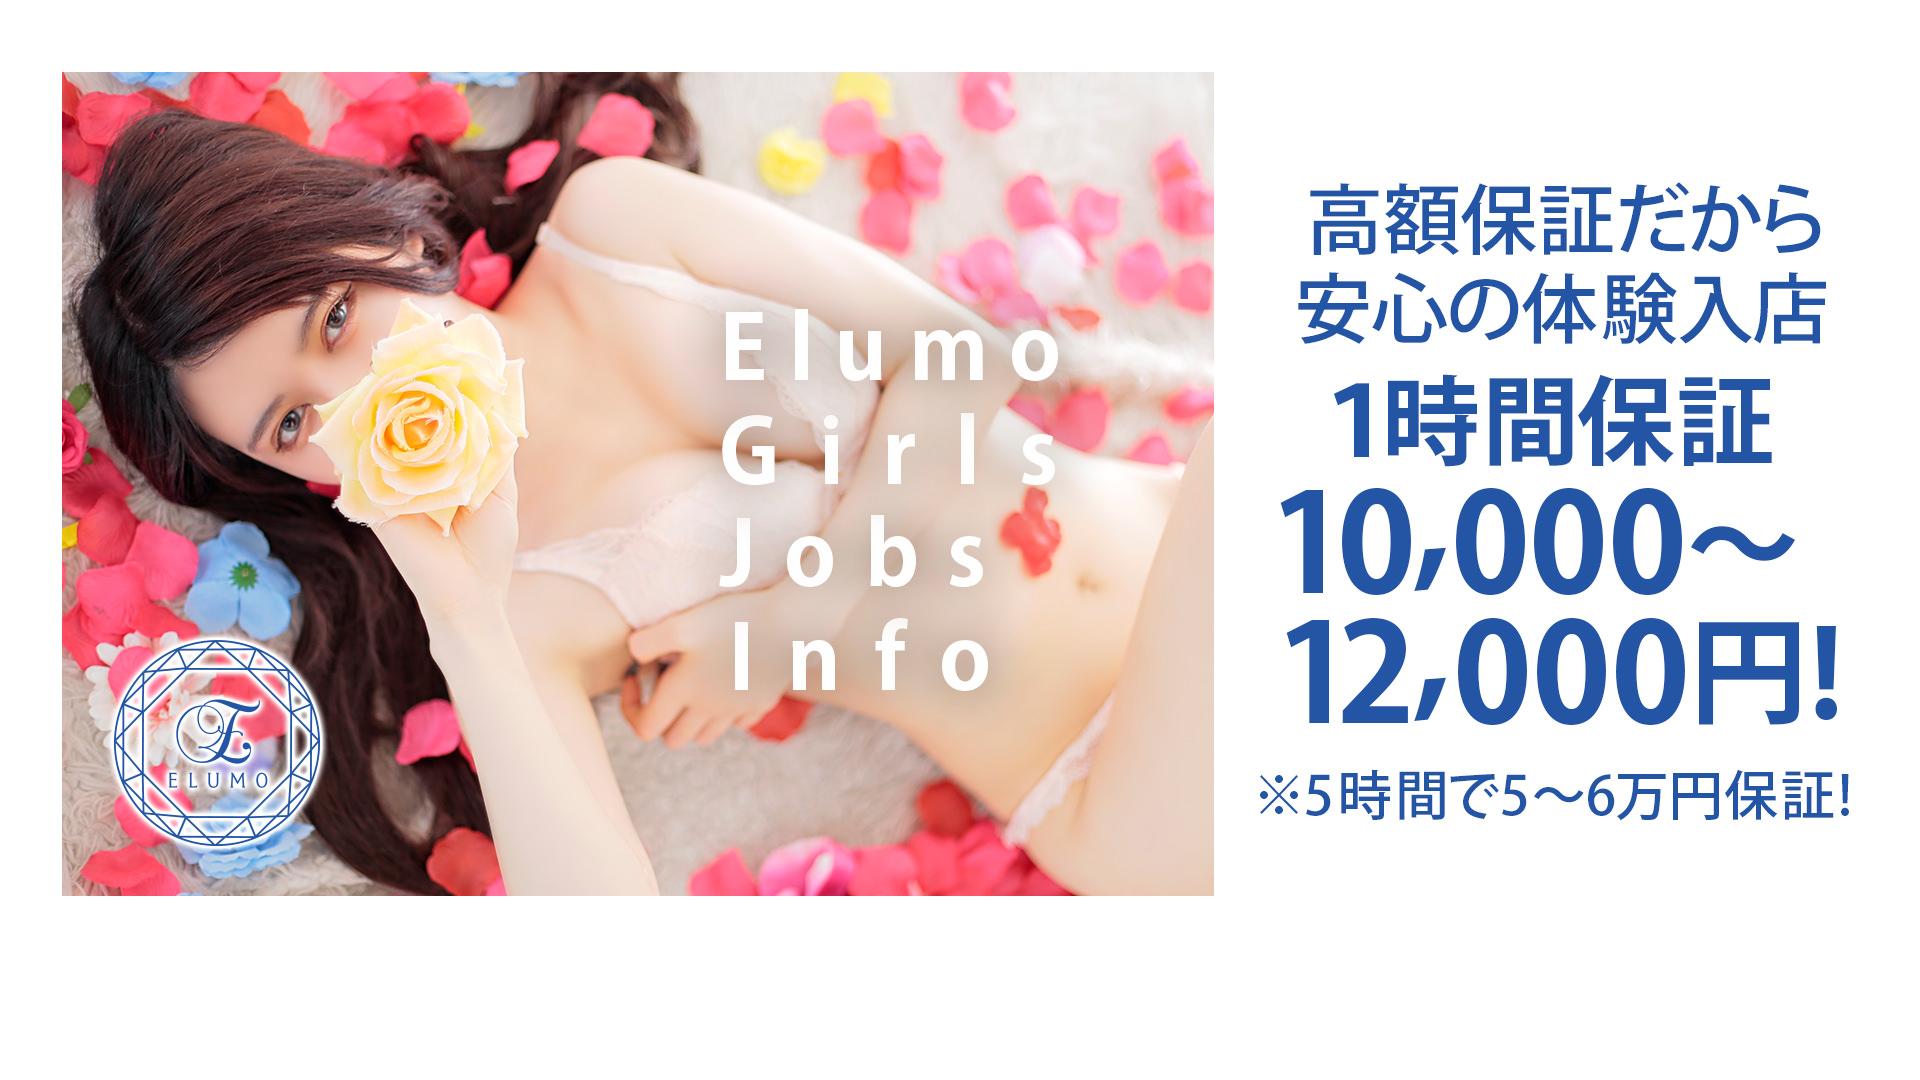 中洲風俗ソープランド エルモ - ELUMO - 高額保証だから安心!